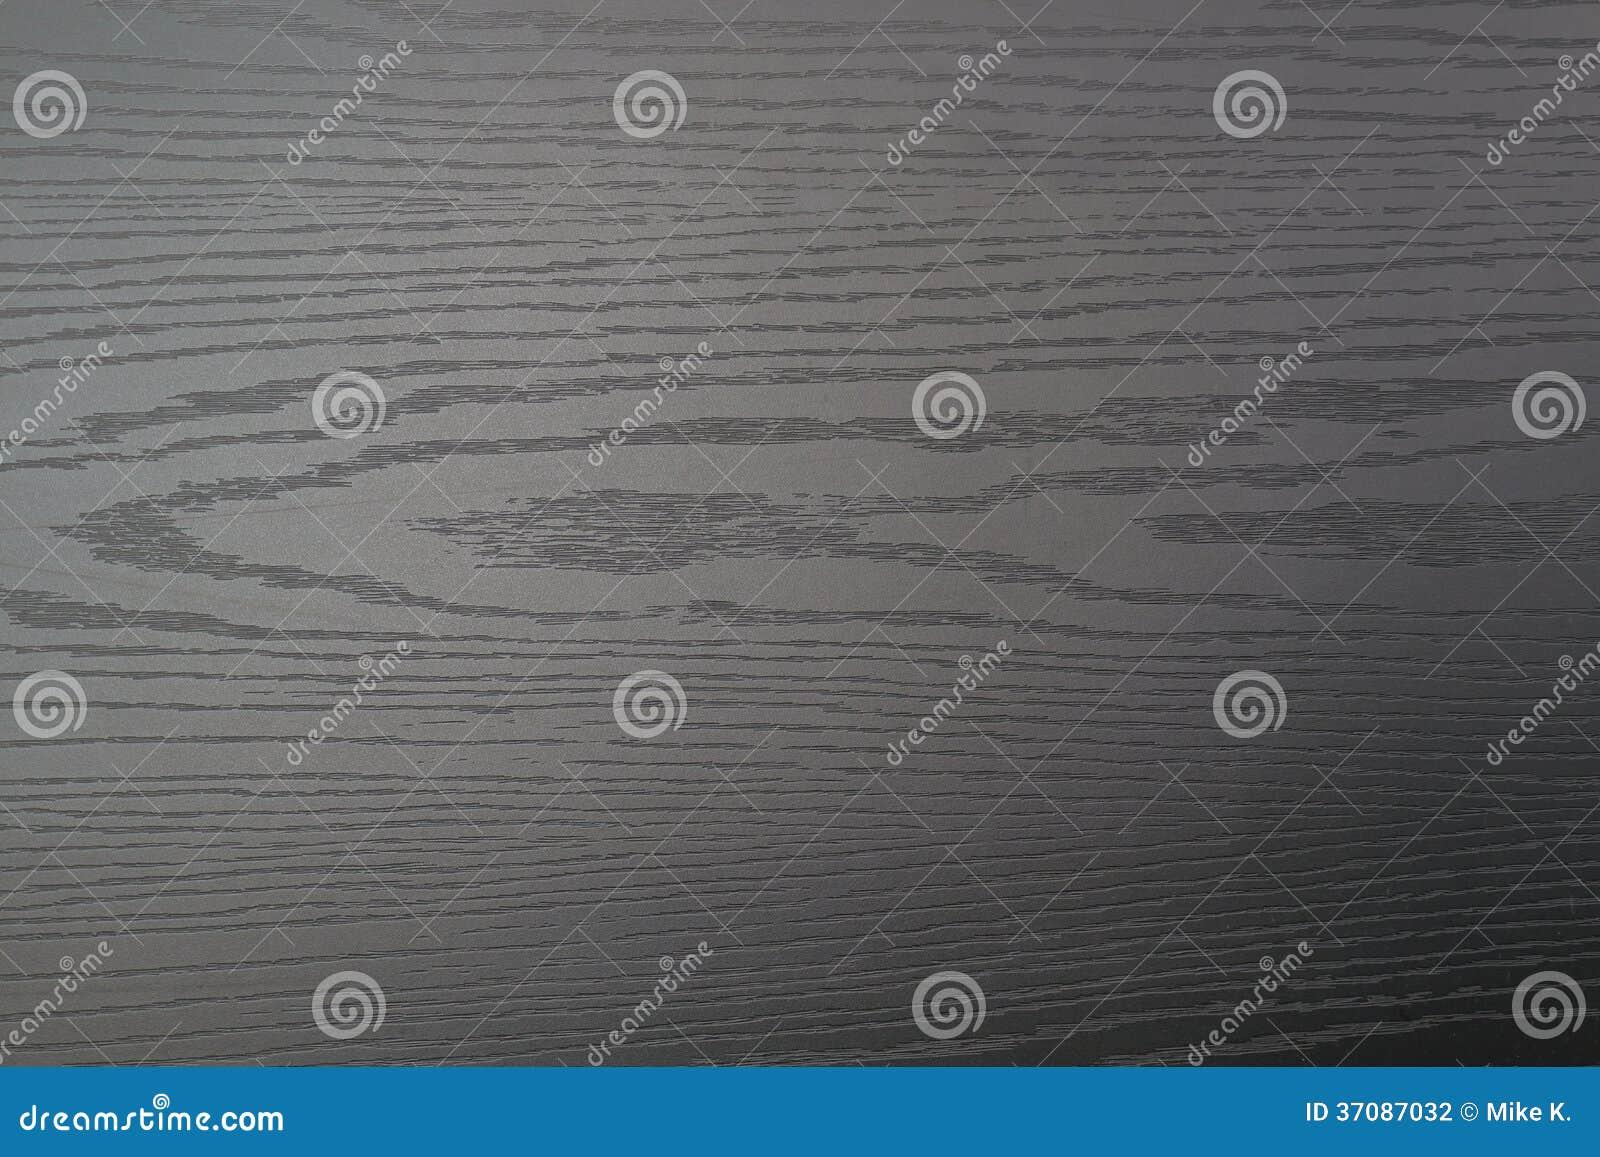 Download Drewniany talerz zdjęcie stock. Obraz złożonej z wzór - 37087032